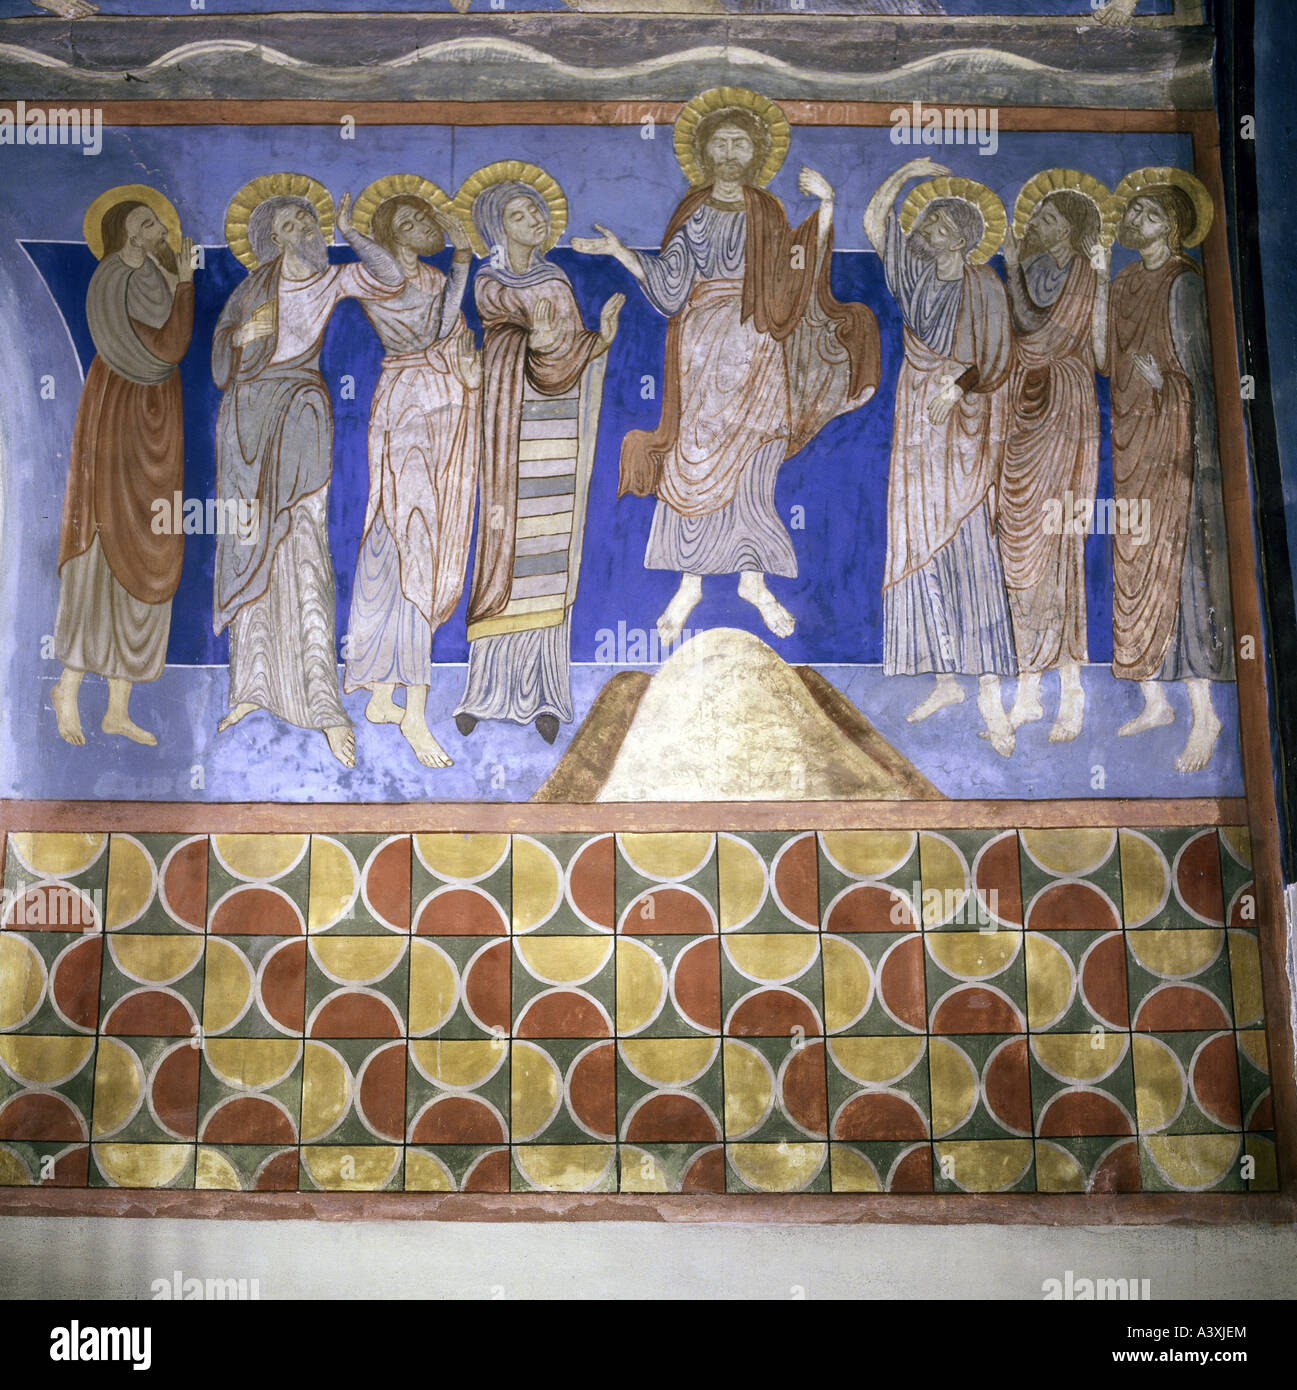 Belle arti, l'arte religiosa, Gesù Cristo, ascensione, pittura, affresco del XIII secolo, Chiesa di Bjäresjö, Immagini Stock